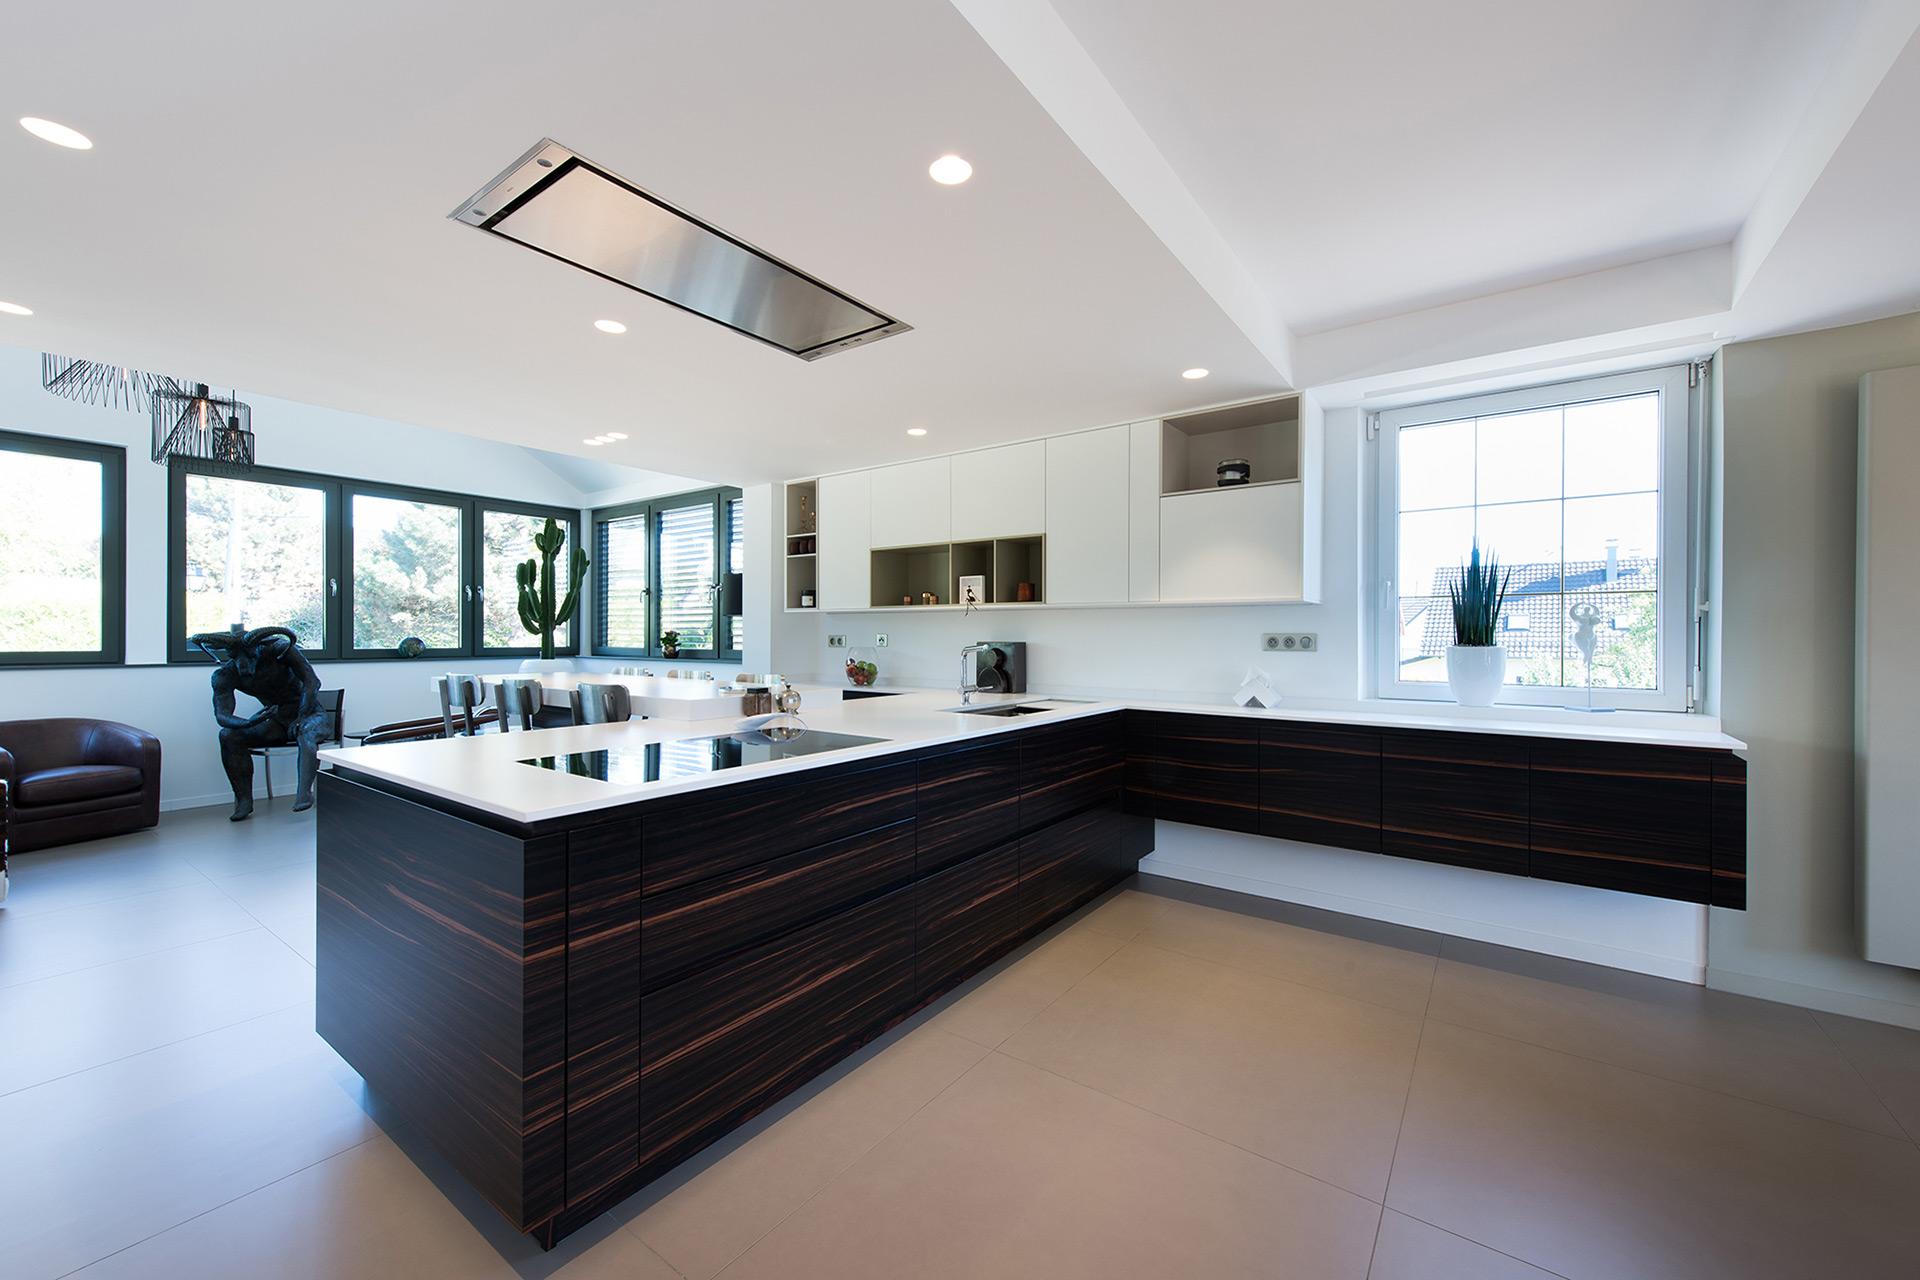 Vous souhaitez réaménager votre cuisine ? Contactez Marc Gallitelli, entreprise de rénovation à Mulhouse